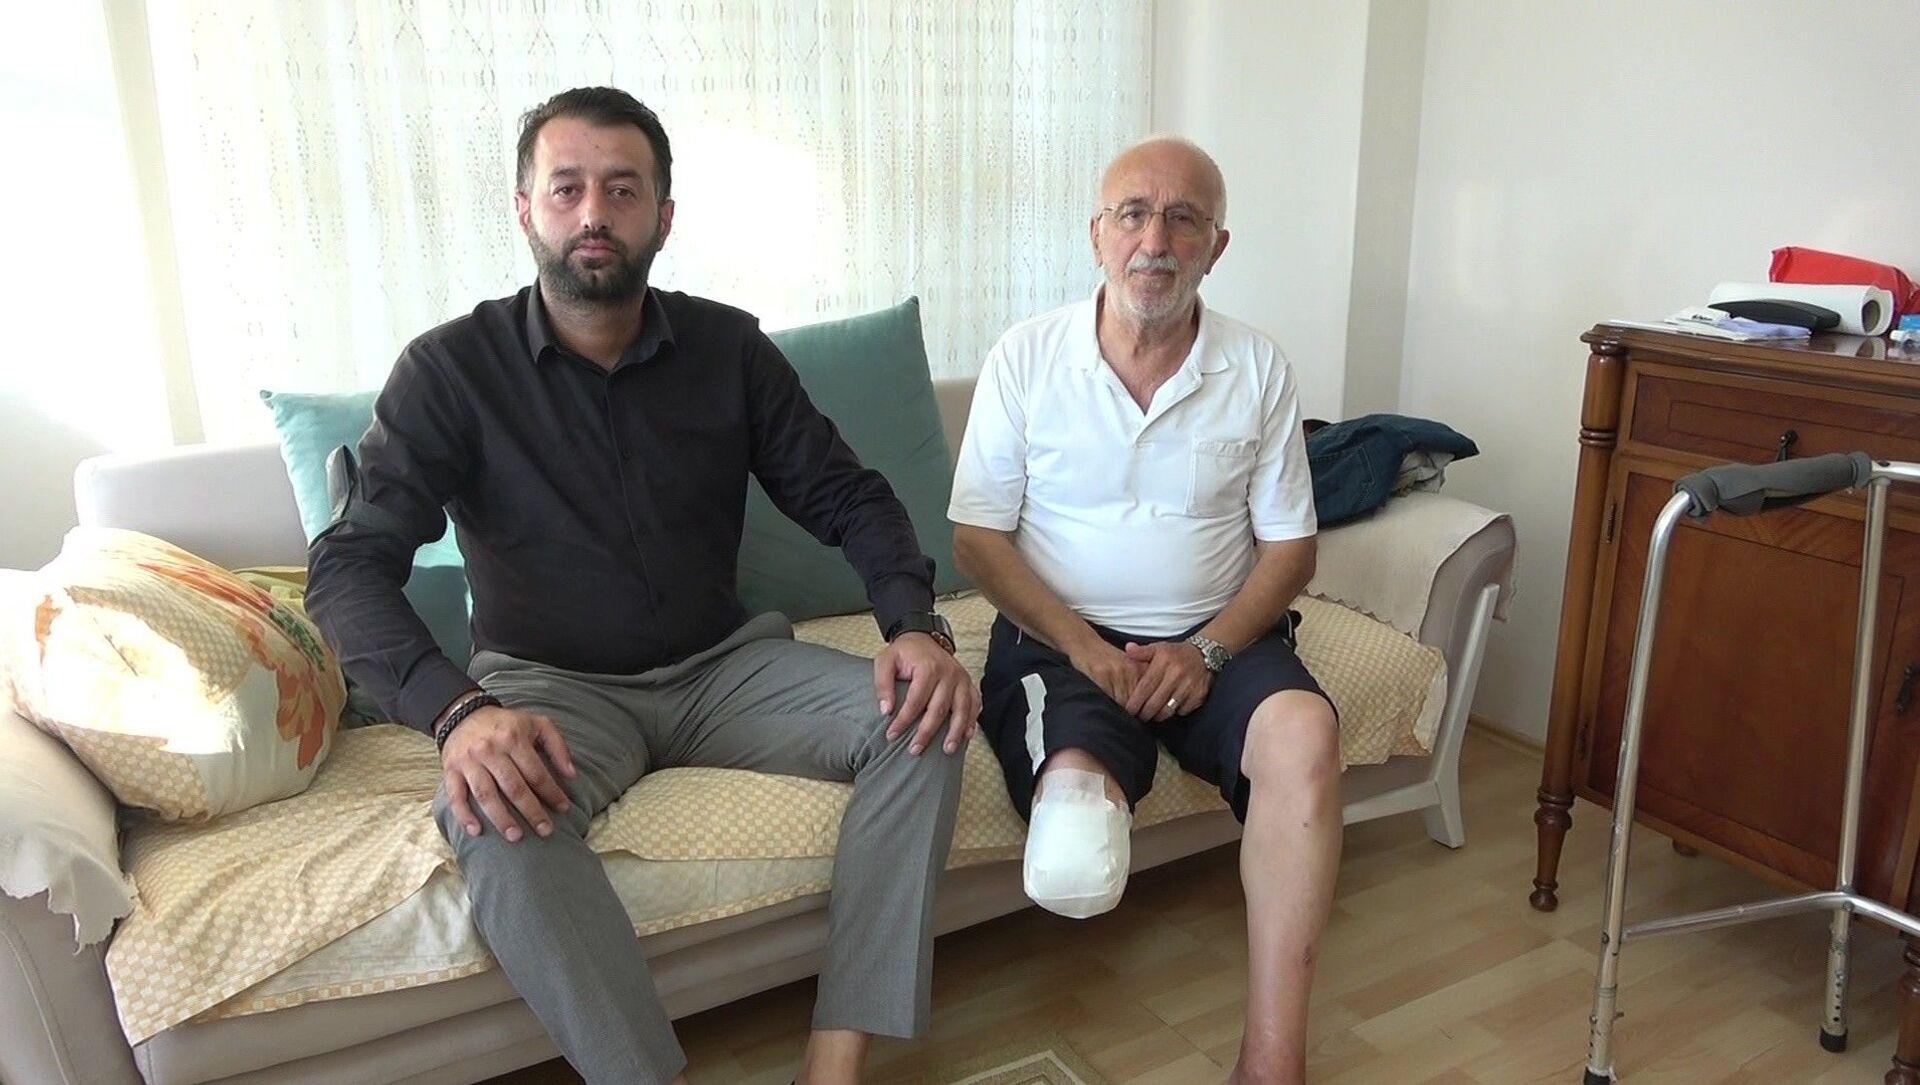 Samsun'da yaşlı adamı darp eden genç konuştu: Neden pişman olayım ki? - Sputnik Türkiye, 1920, 28.07.2021